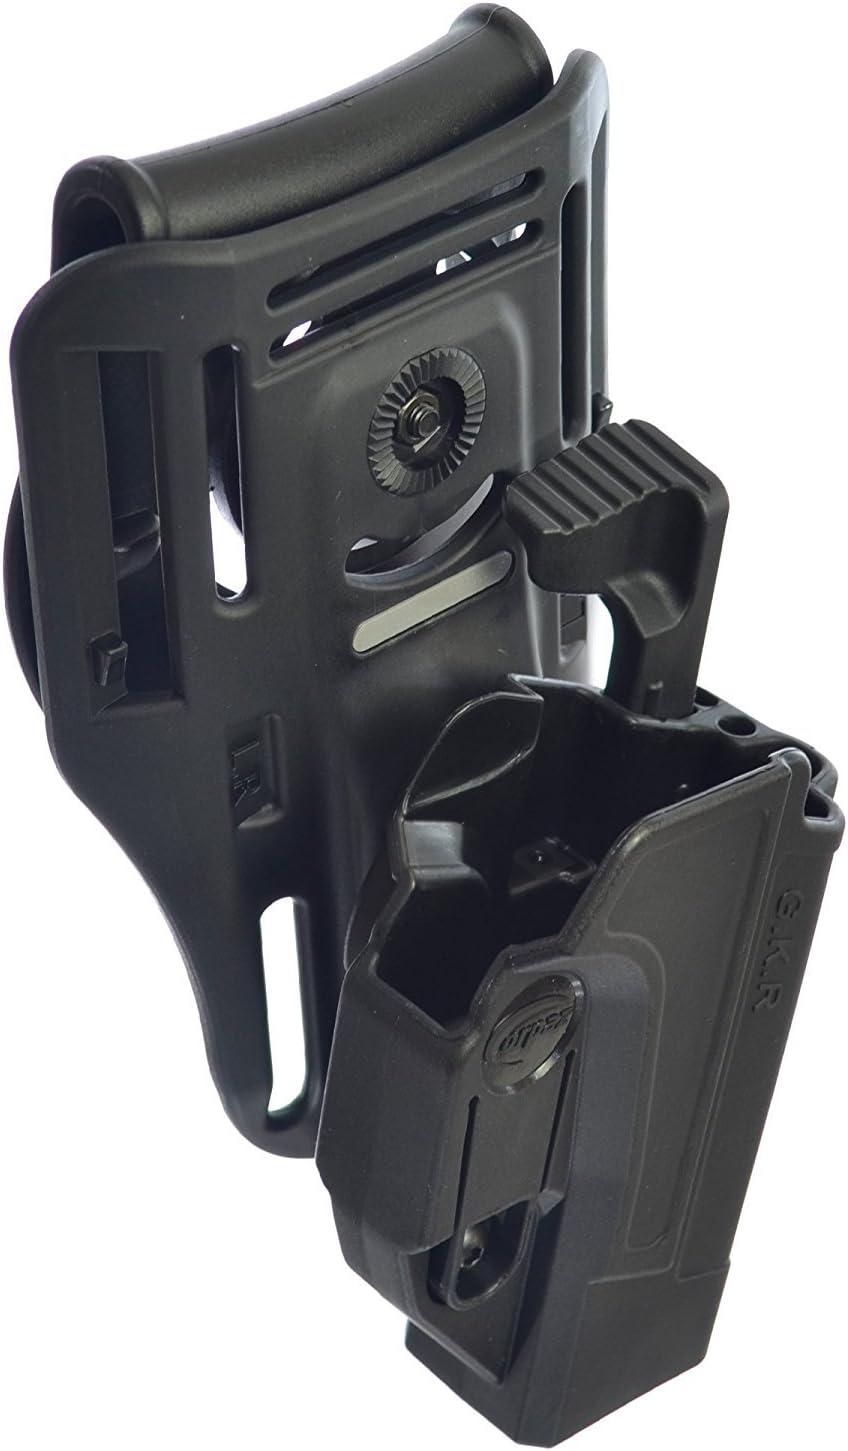 Orpaz Defensa Lowride cinturón + táctica thmub liberación Seguridad Holster, Tention Ajuste Roto Paddle para Todos 1911con/sin riel Picatinny Rail–Colt, Sig, Kimber, S & W, Taurus, Ruger y más